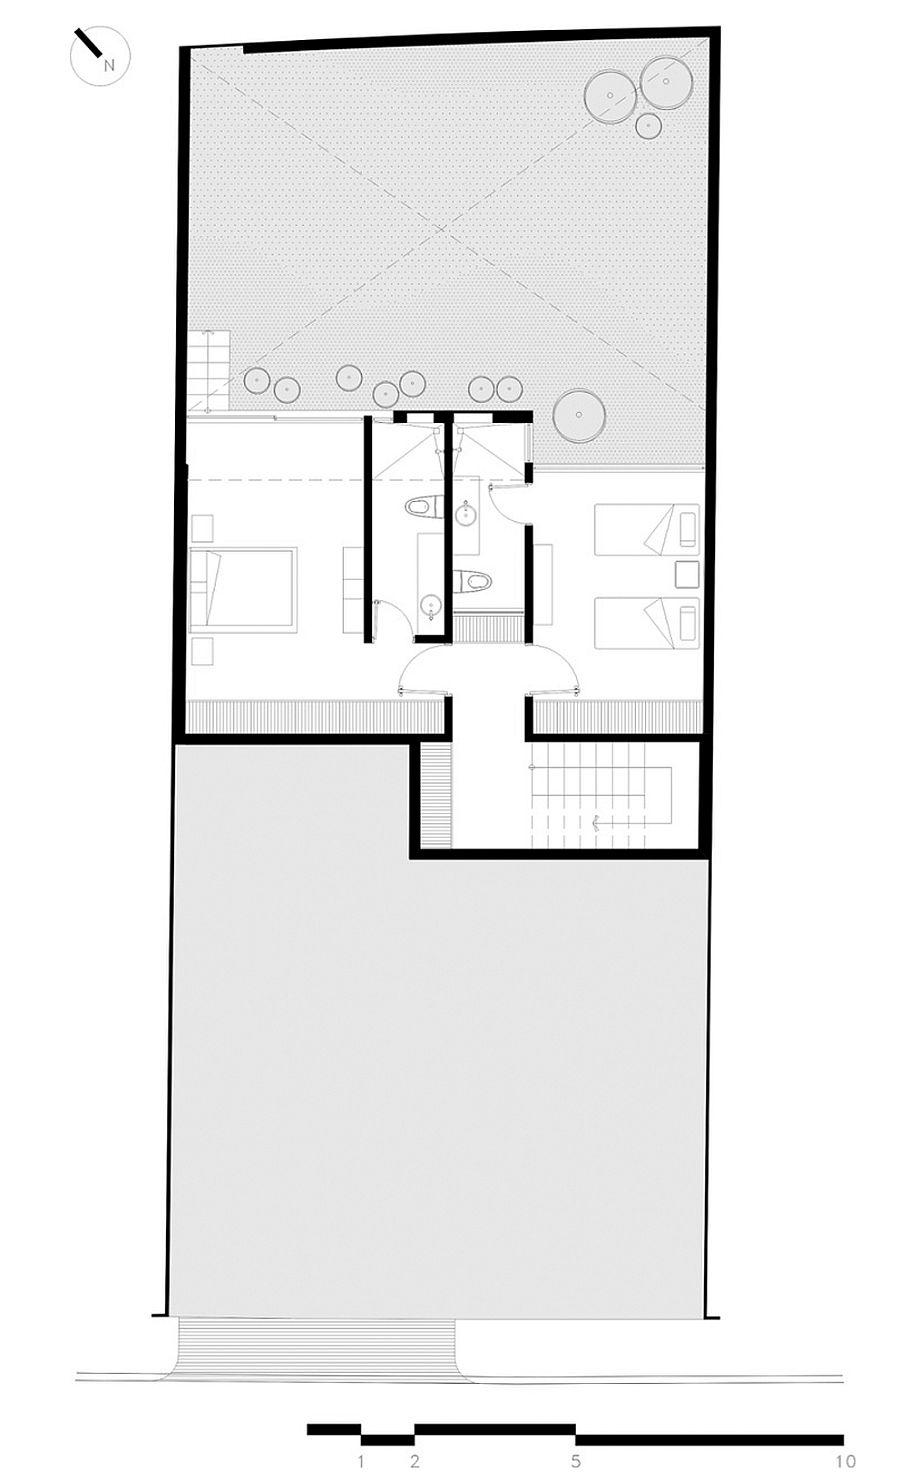 Basement floor plan of Casa Milan